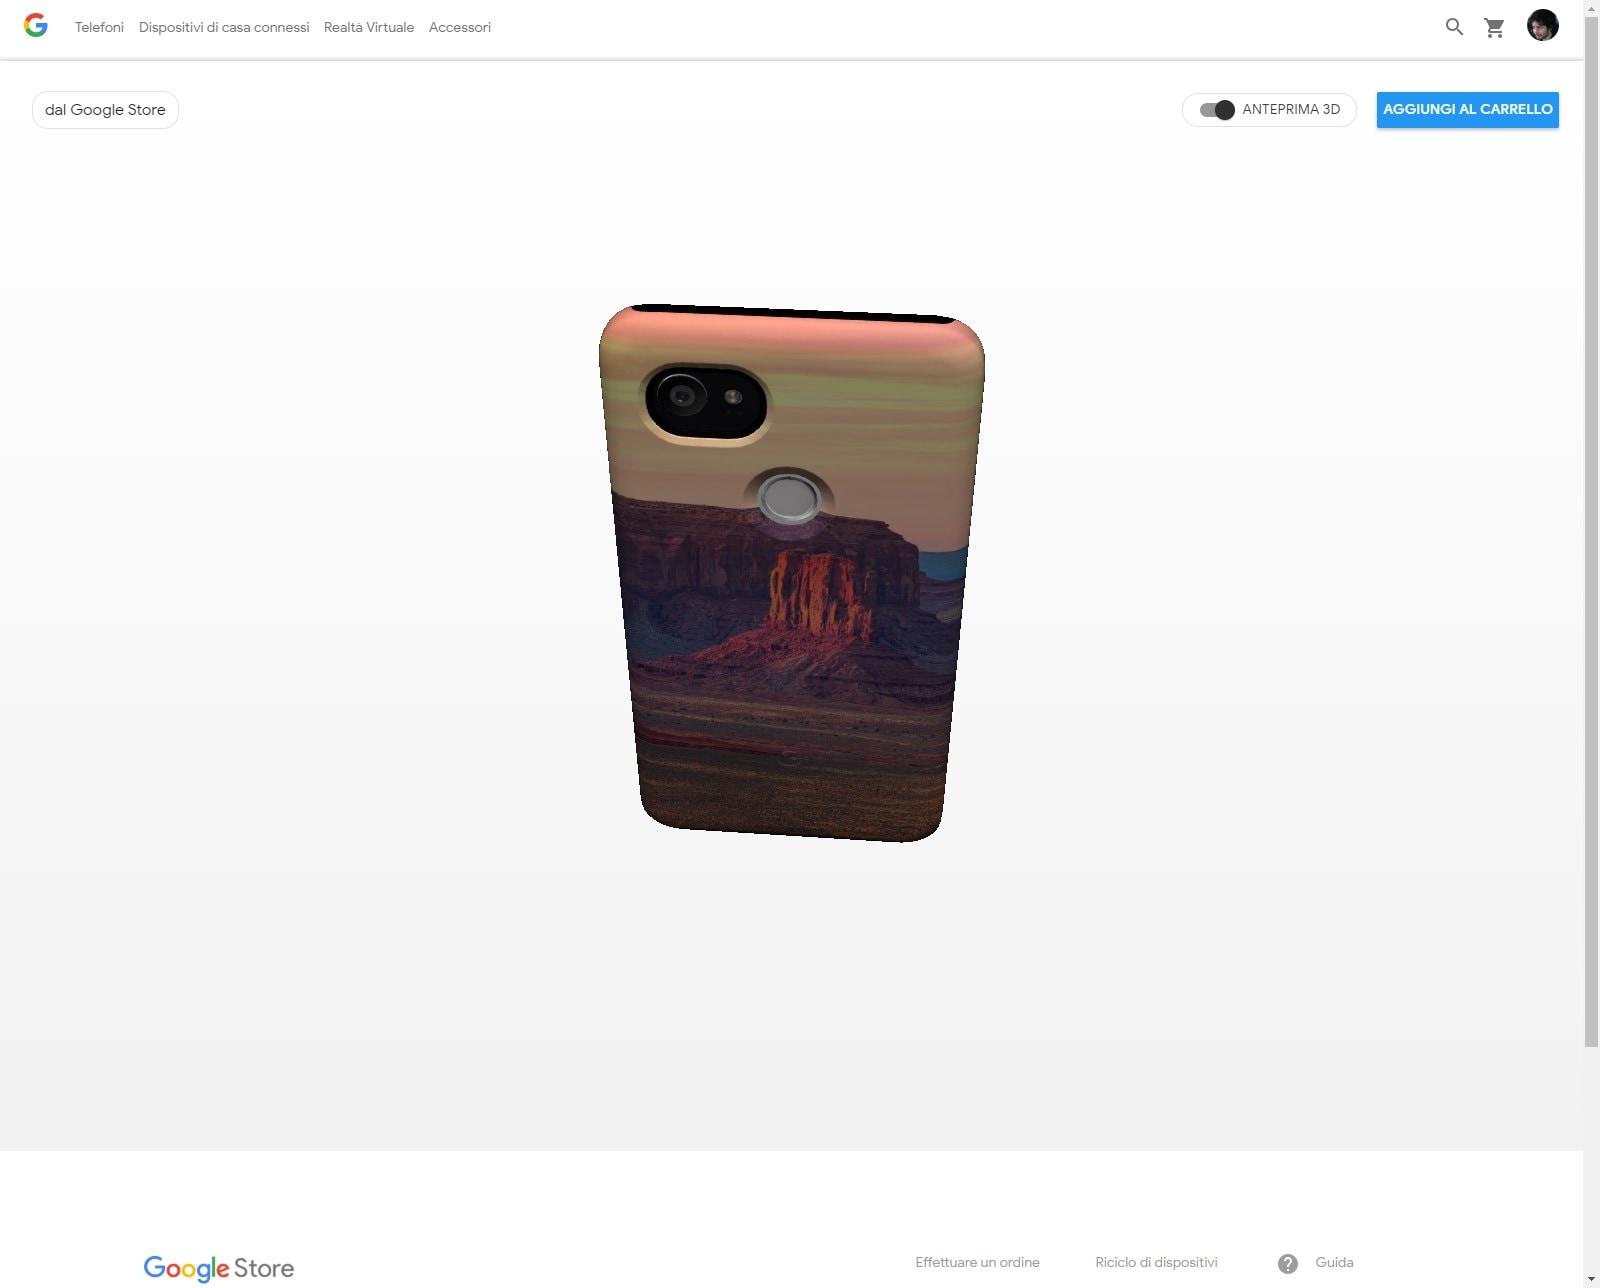 Personalizza_come_vuoi_la_custodia_Google_My_Case_-17_10_49